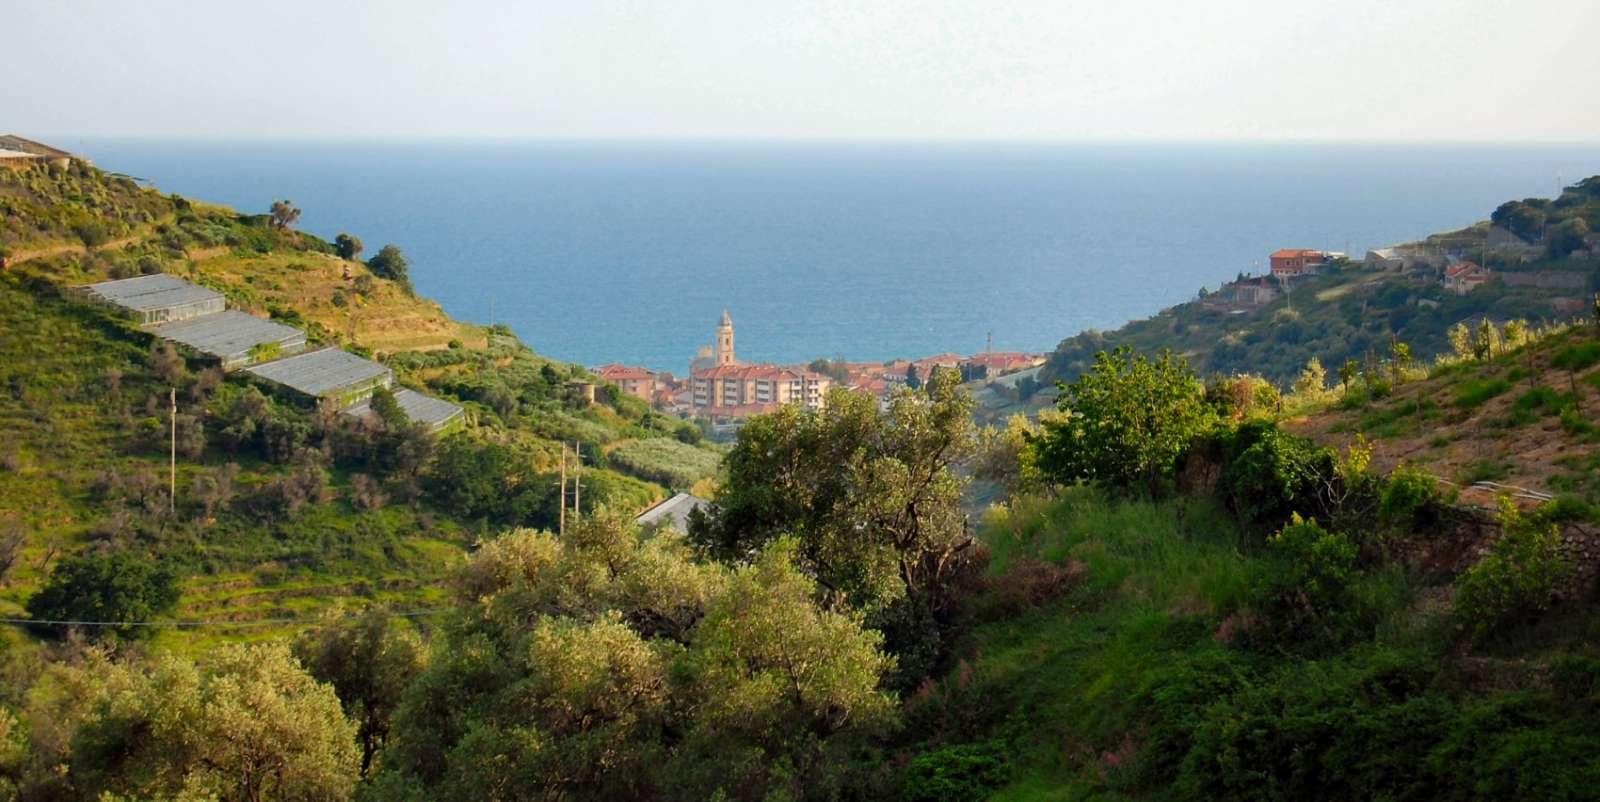 Utsikt mot havet och Riva Ligure